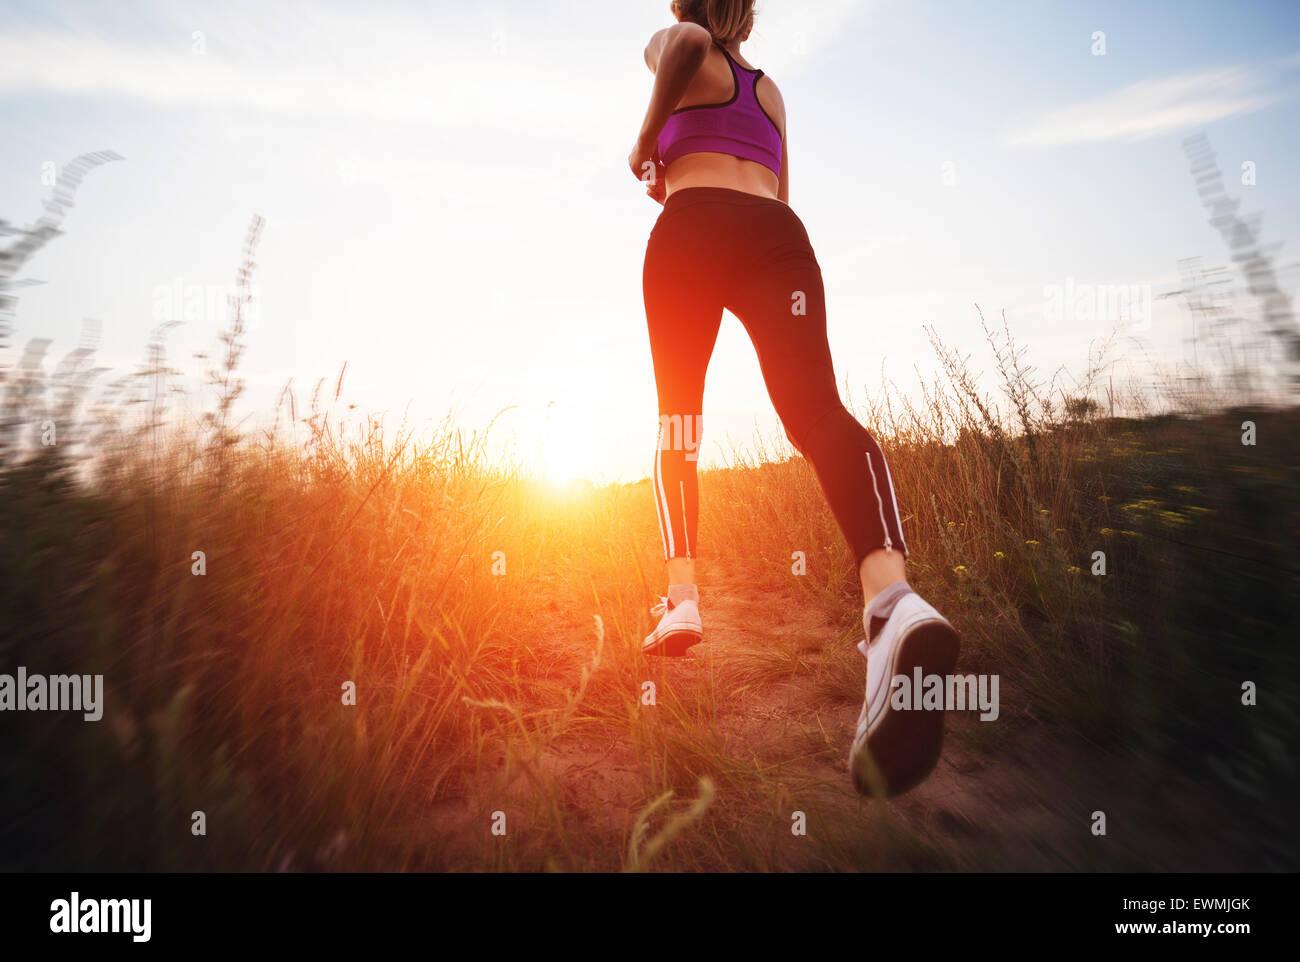 Junge Frau läuft auf einer Landstraße bei Sonnenuntergang in Sommerwiese. Lifestyle-Sport-Hintergrund Stockfoto